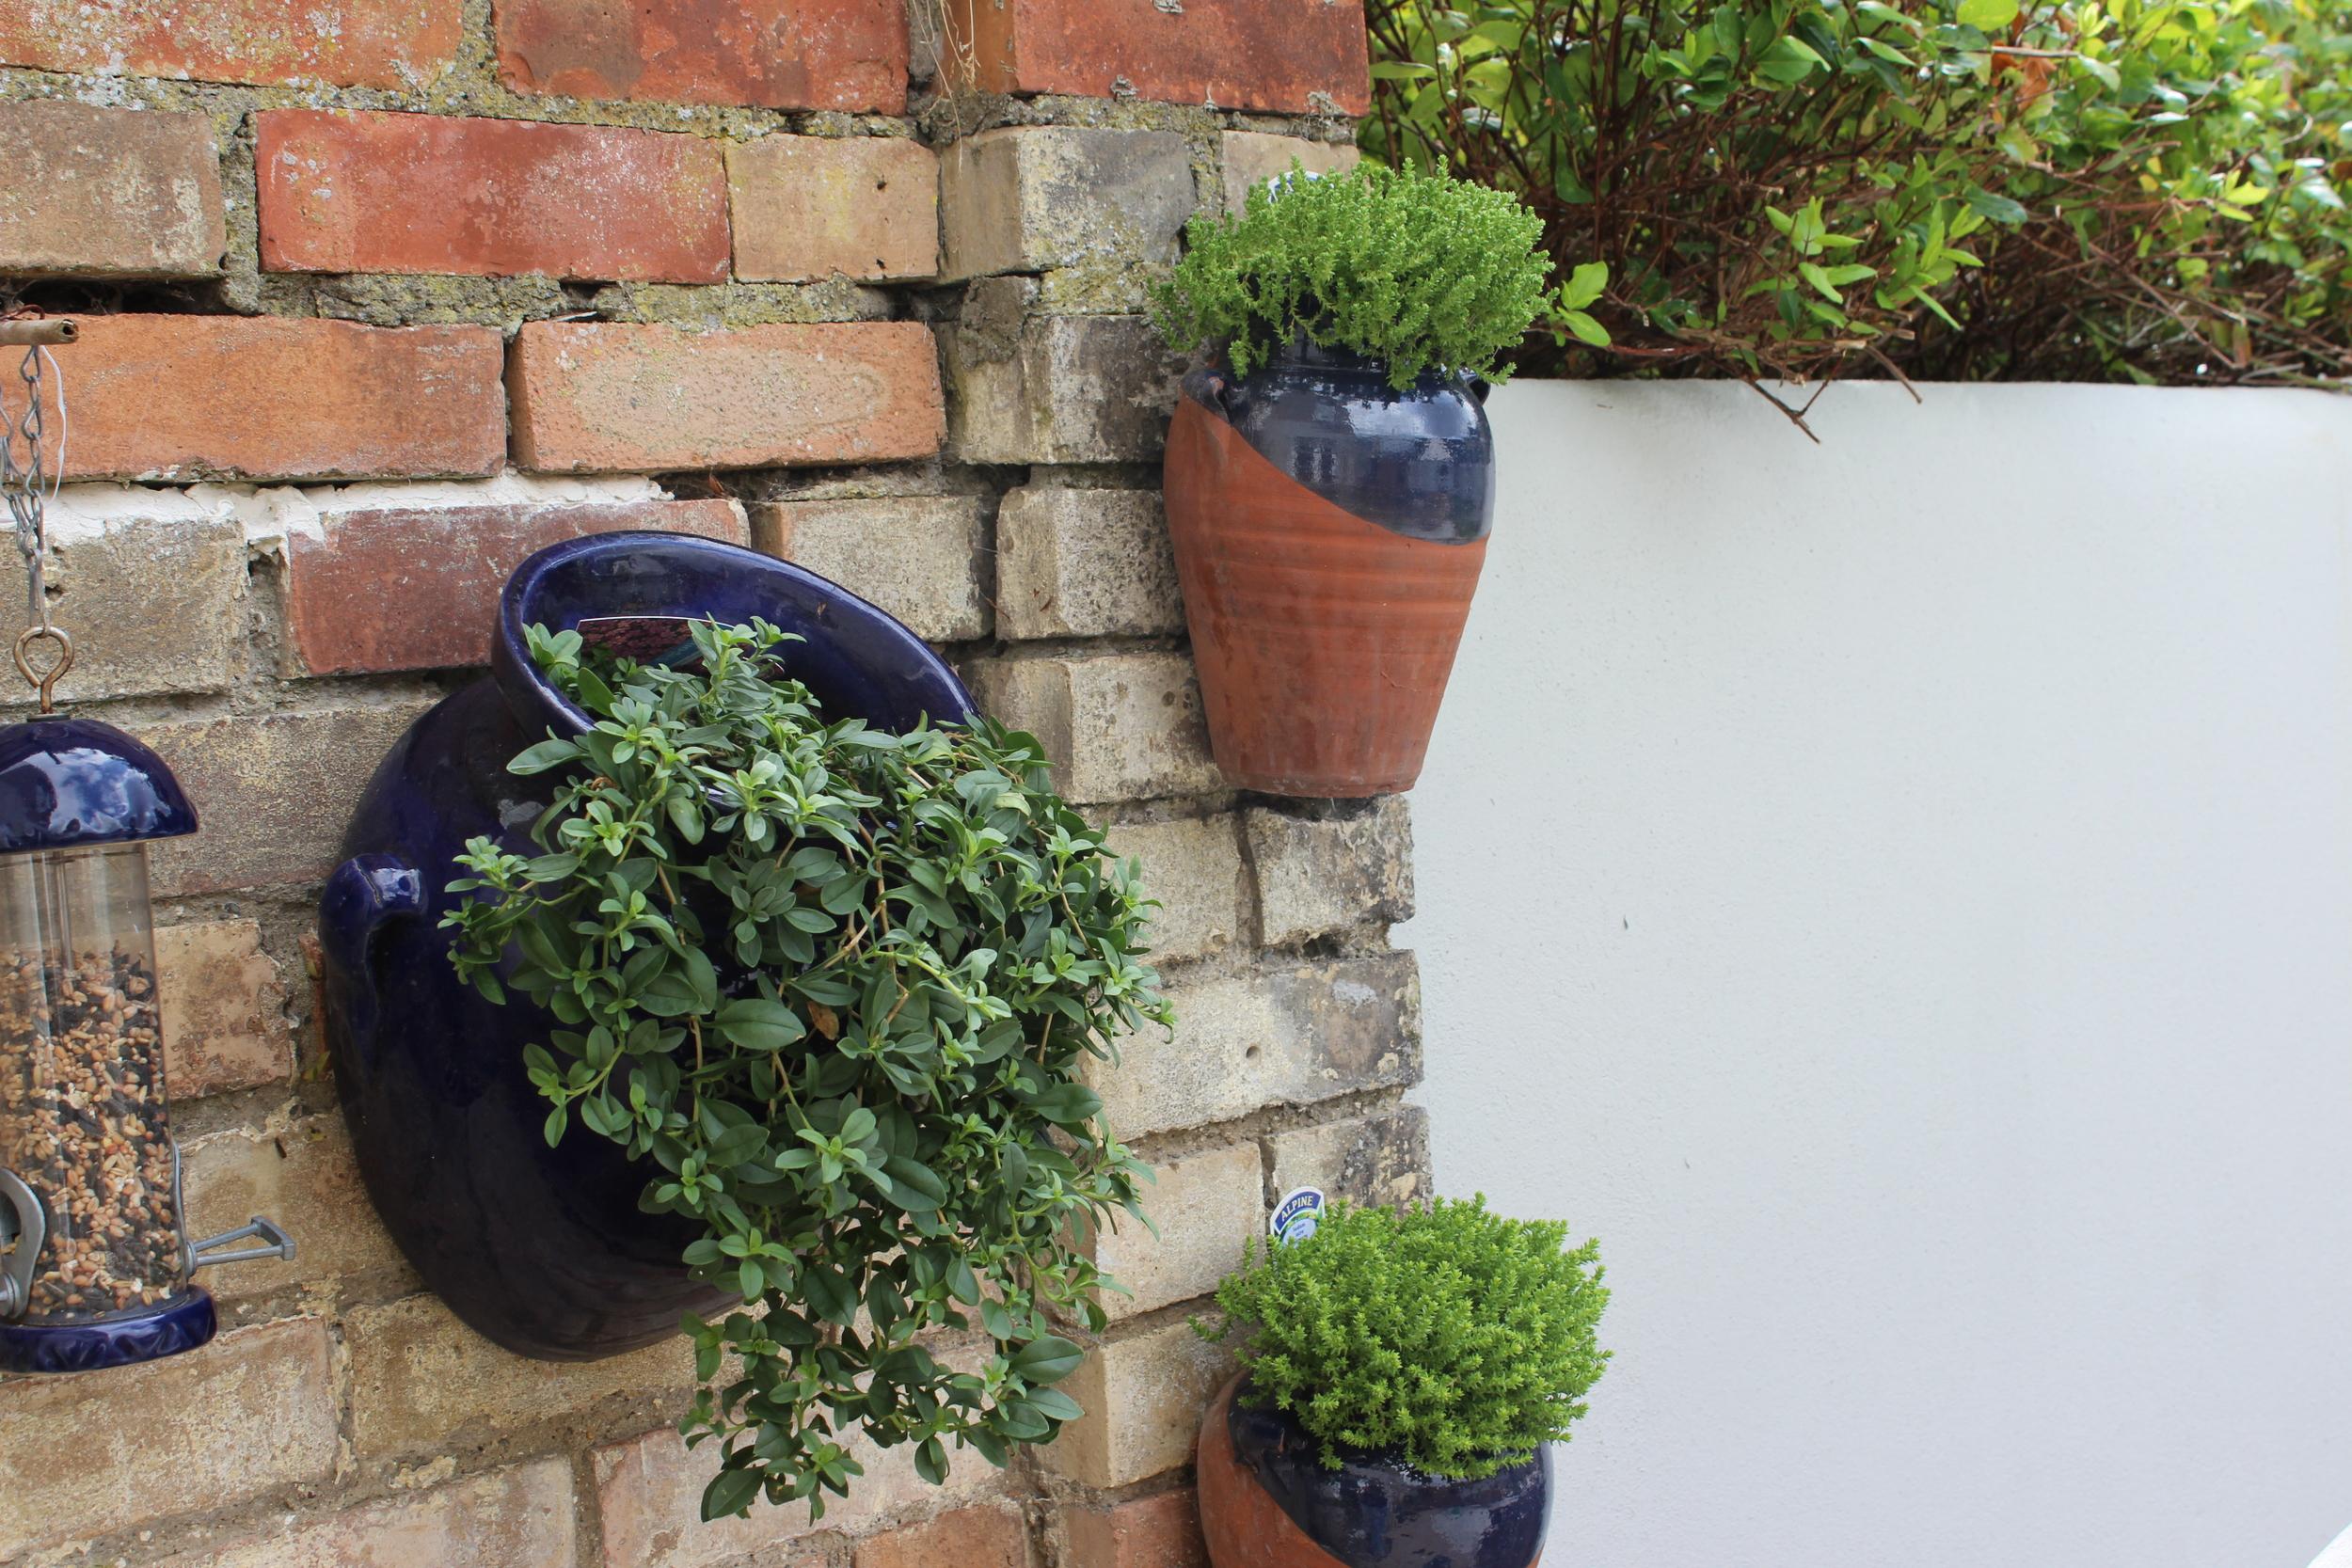 Hanging garden pots